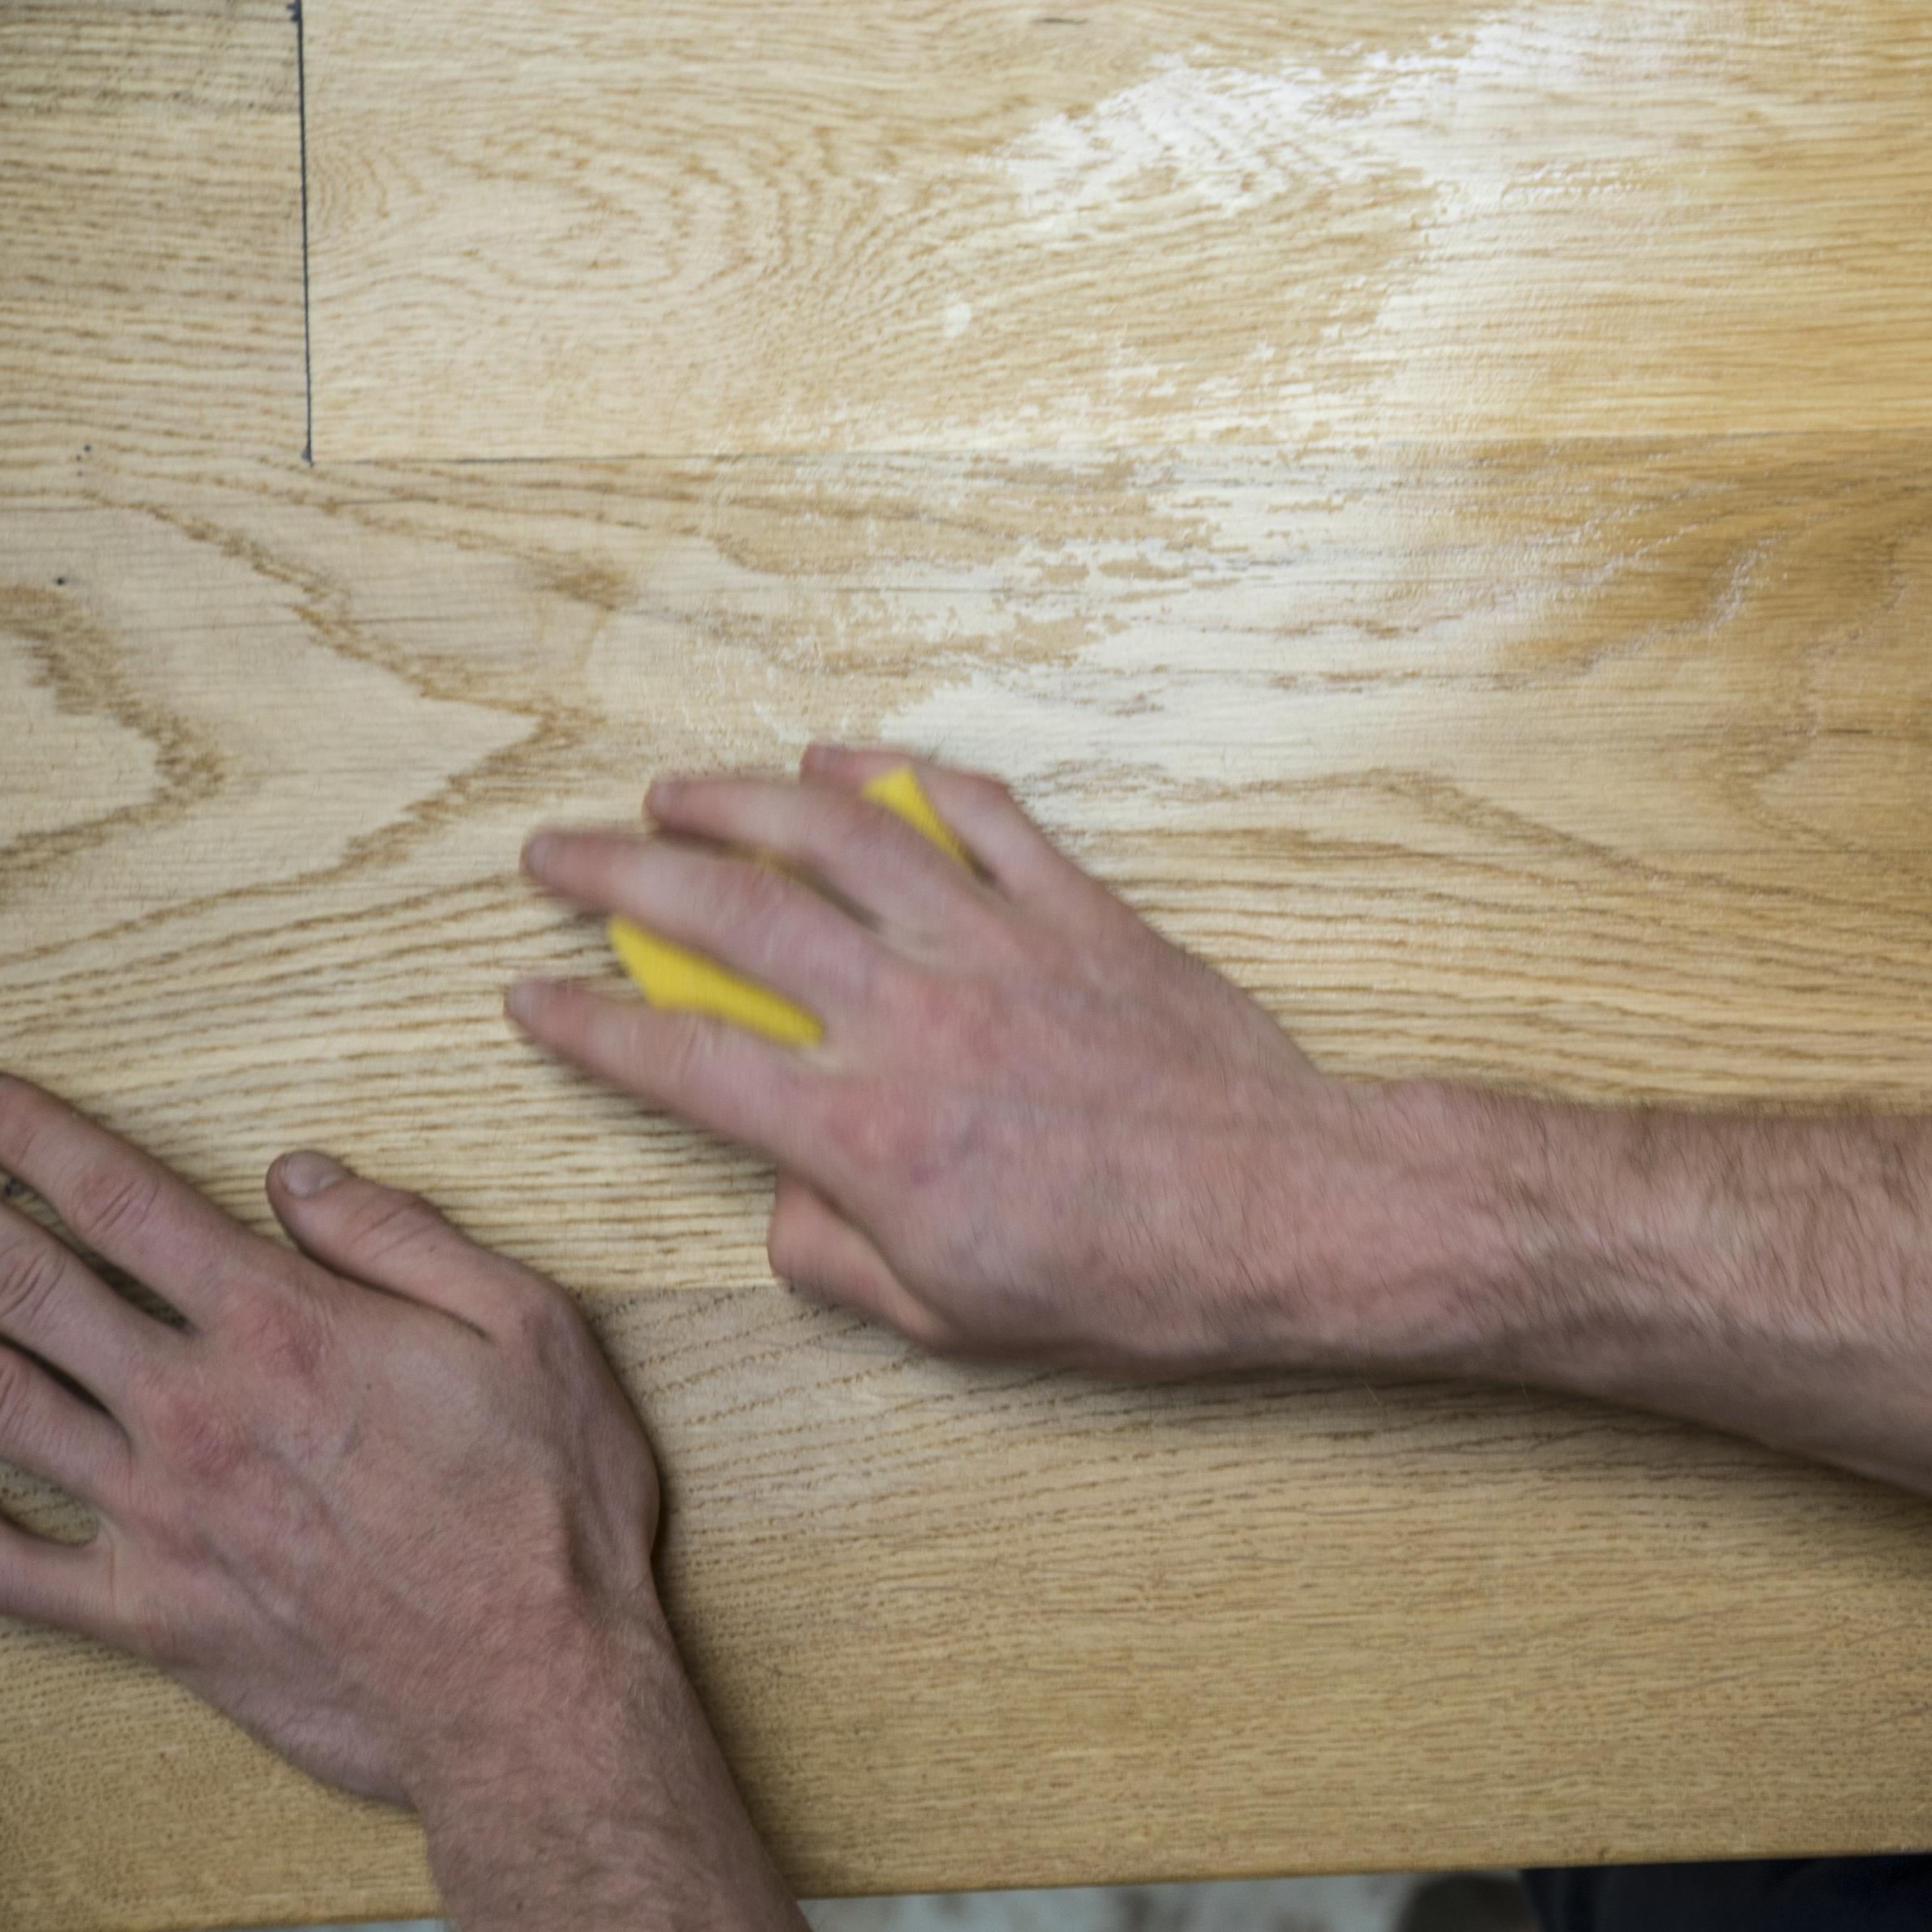 Schritt 1: - Die zu behandelnde Oberfläche mit einem Schwamm säubern. Um das Holz zu schonen und Verfärbungen zu vermeiden, darauf achten, dass kein Spülmittel verwendet wird, sondern nur Wasser.